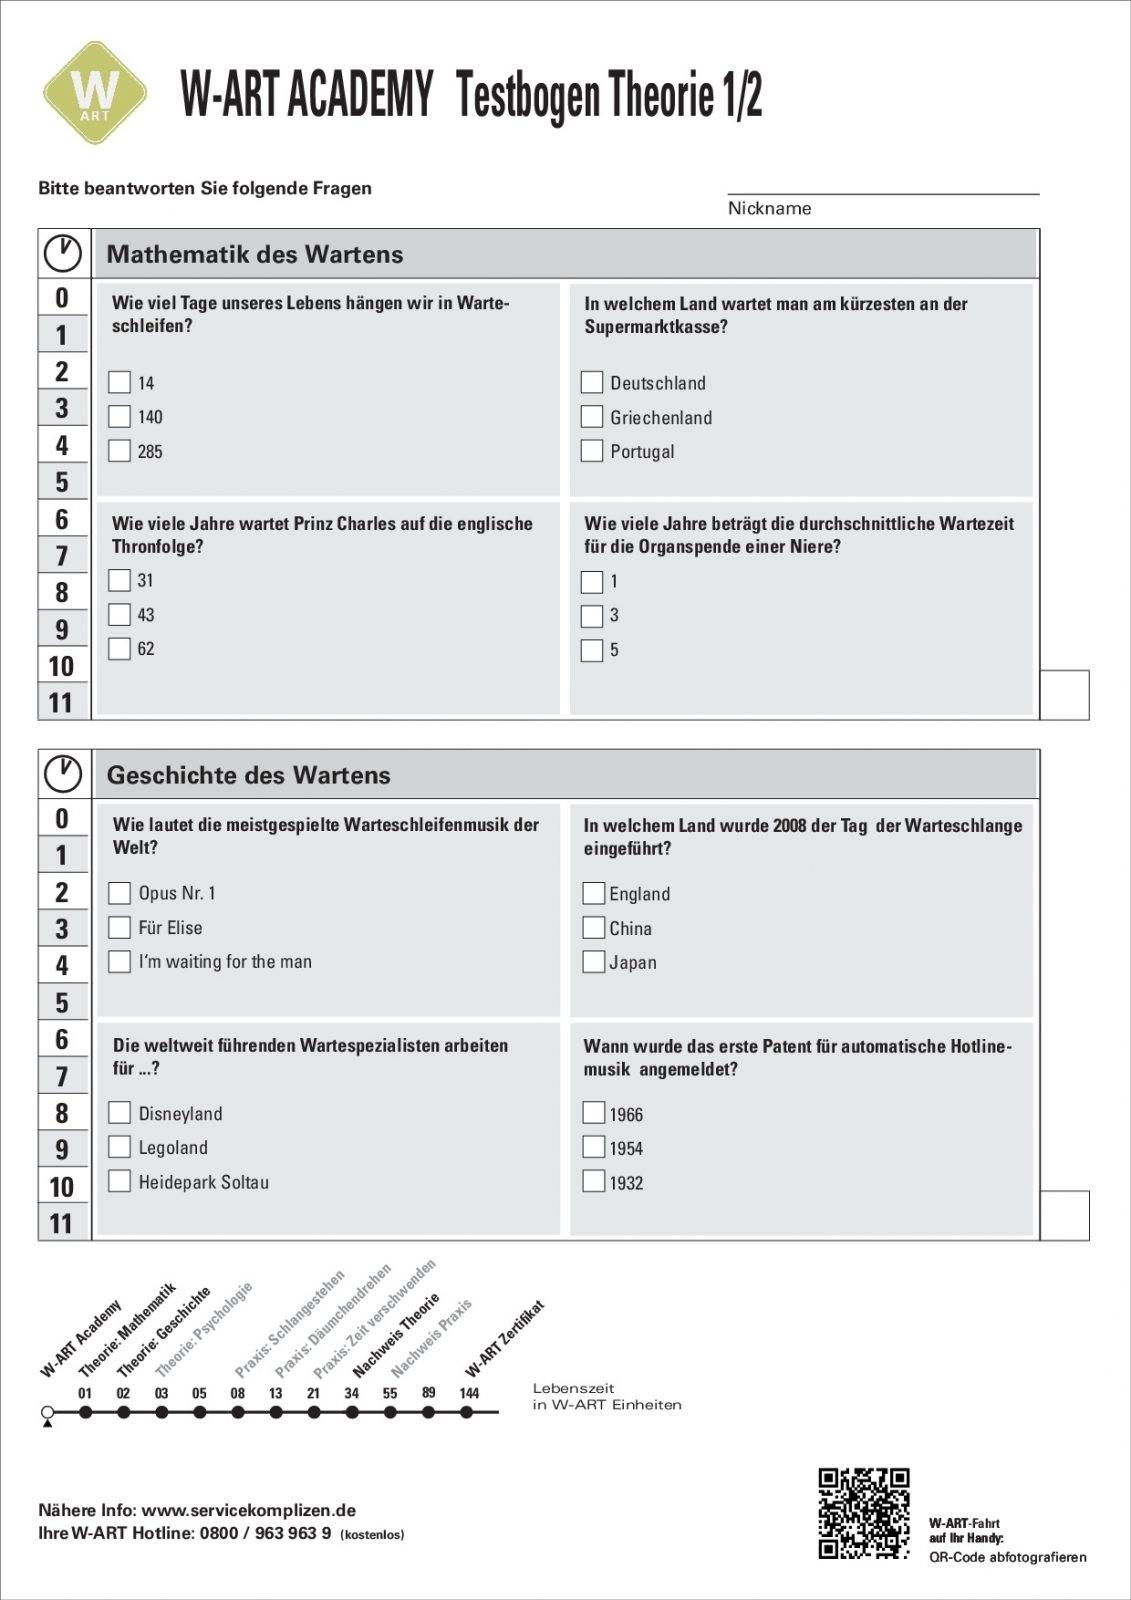 W-ART Academy Fragebogen für Teilnehmer der Servicekomplizen-Servicepioniere-Produktion WART - Die Kunst des Wartens.